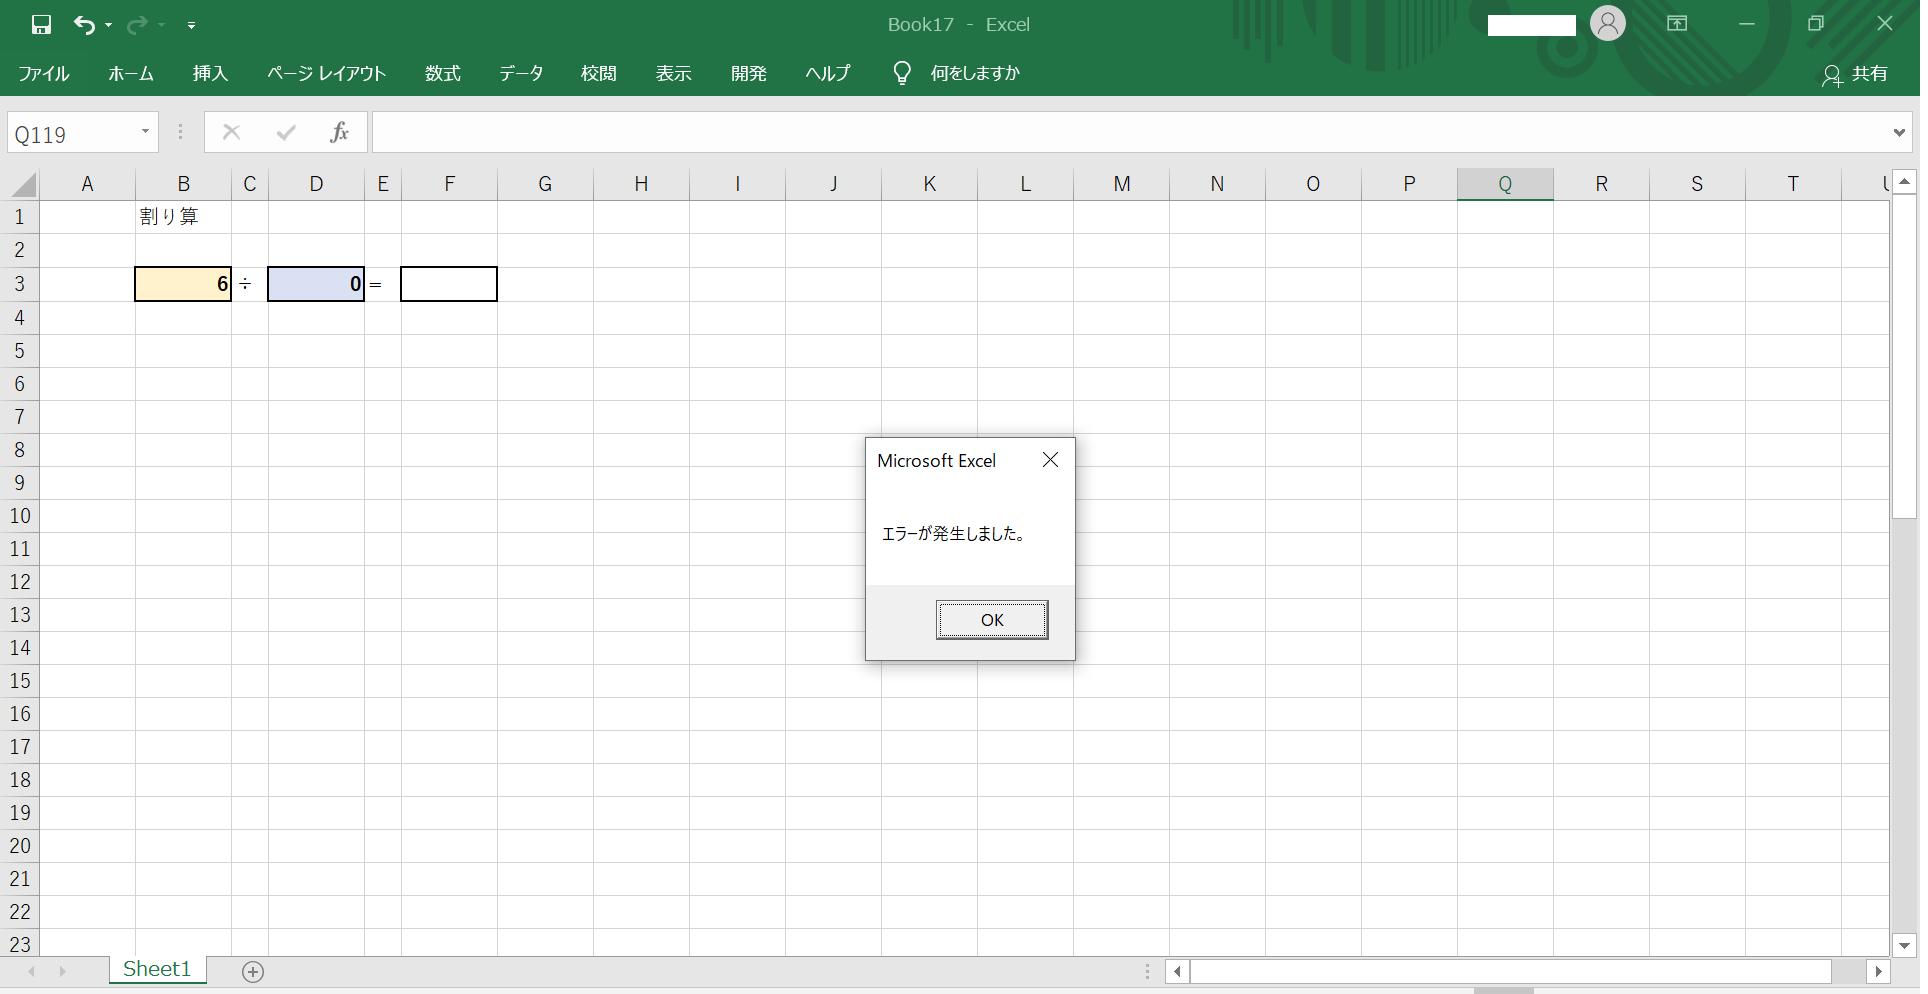 ブックに数値を入力後の処理結果(エラー後の処理)イメージ